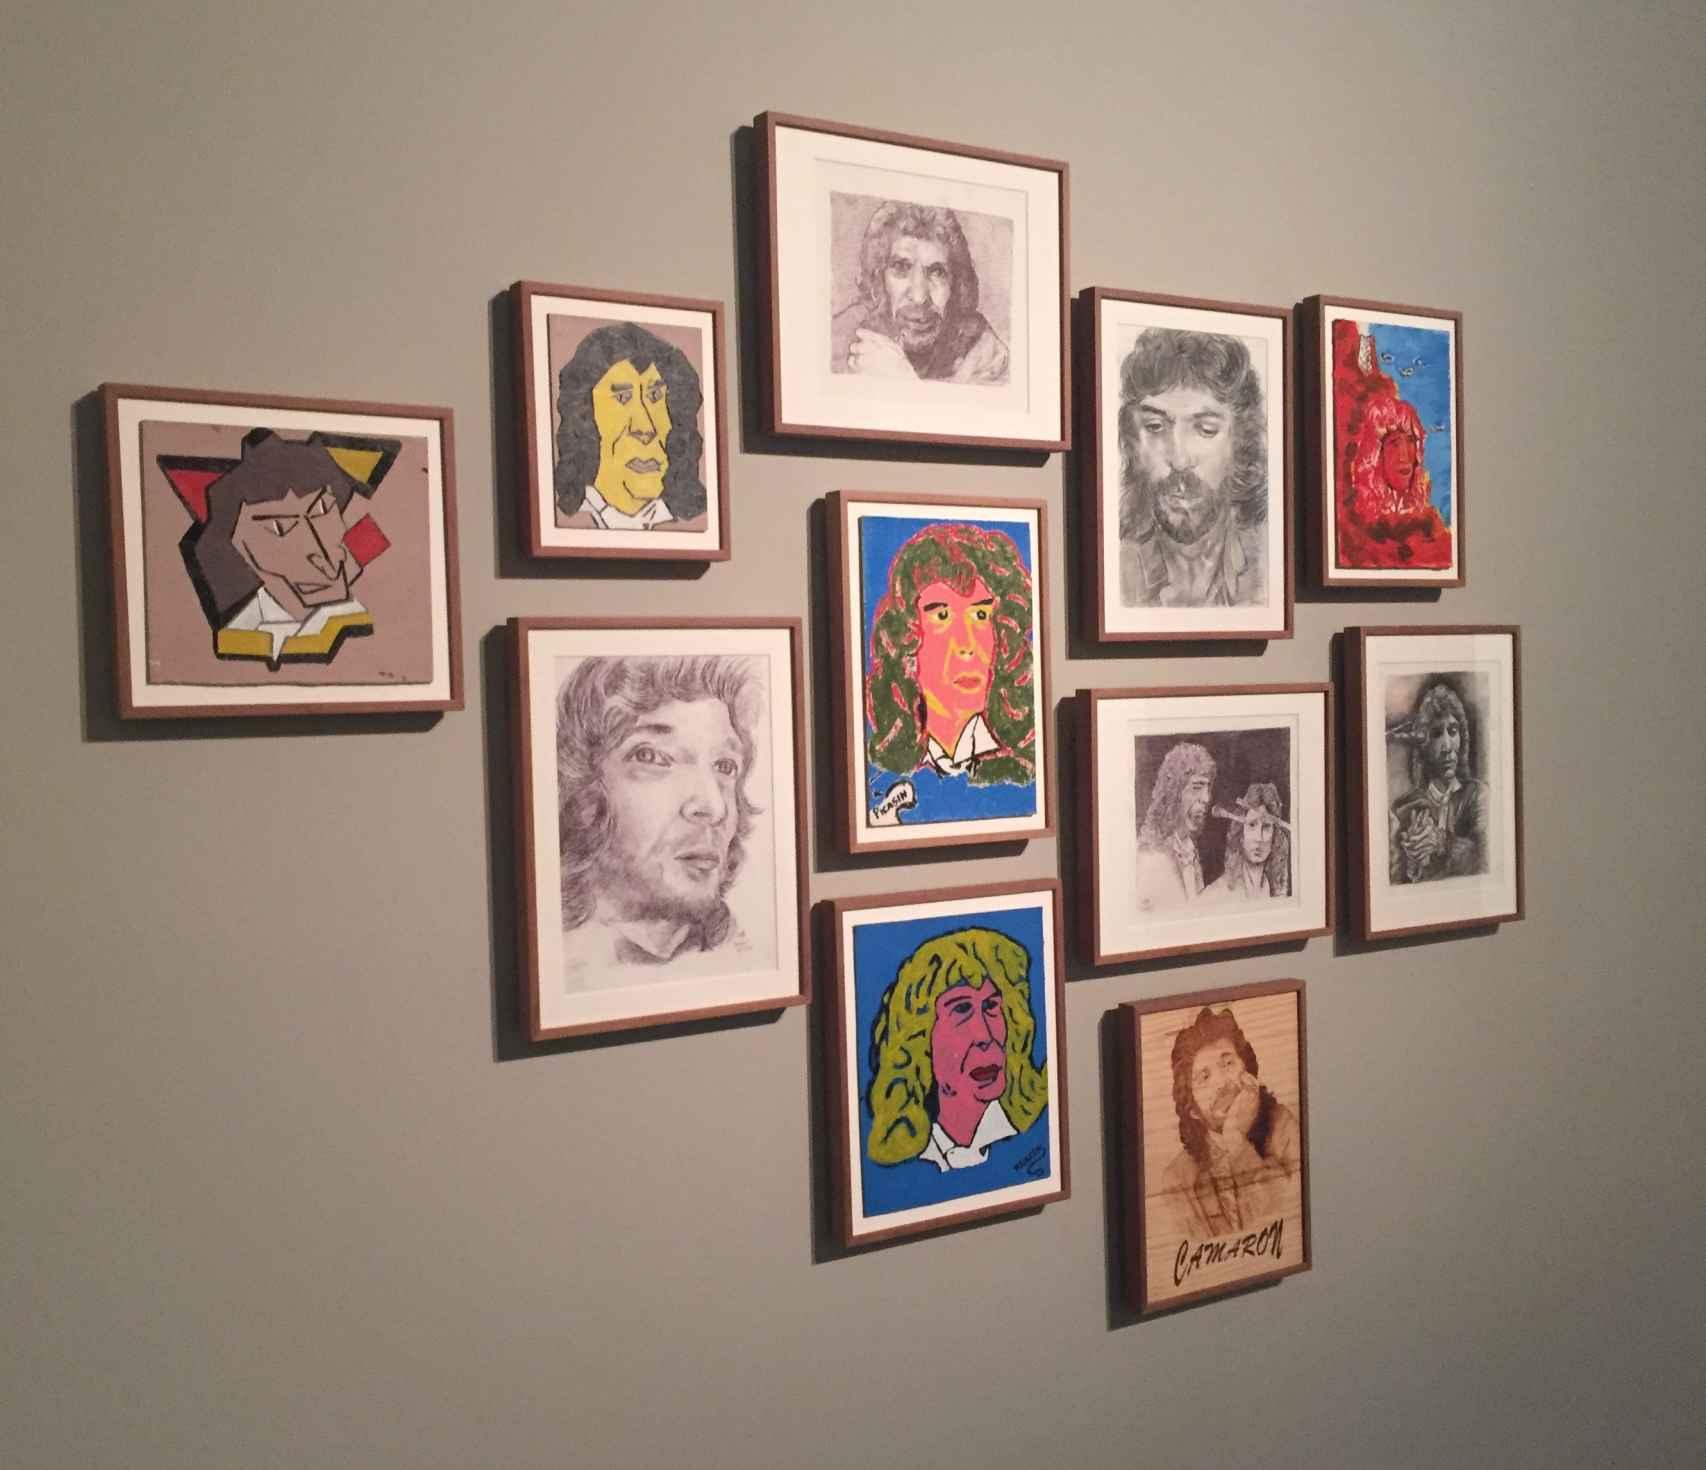 Una parte de la exposición, con los cuadros de los presos dedicados a Camarón de la Isla.